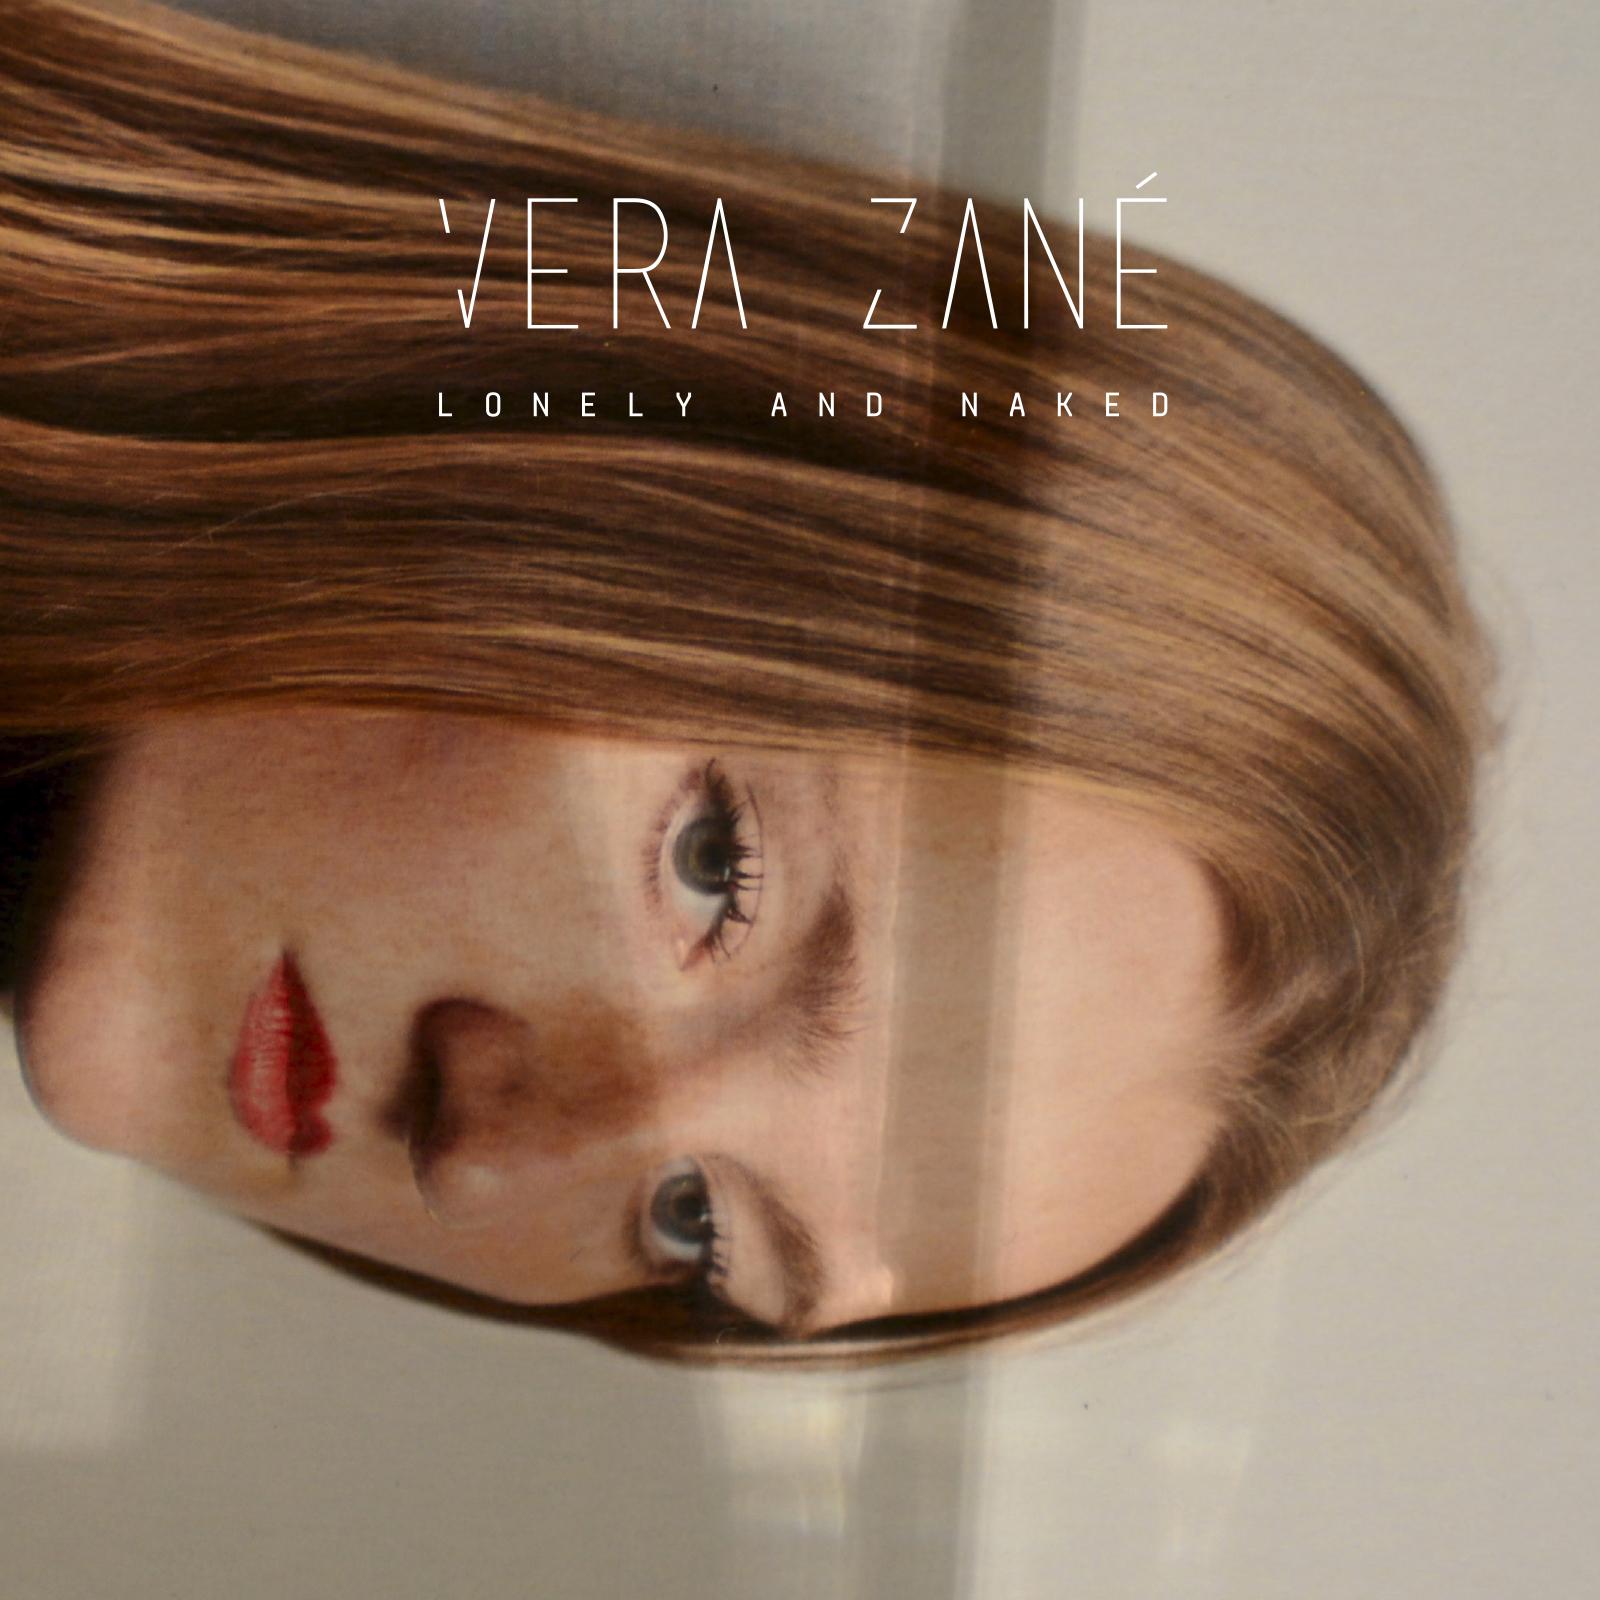 Vera Zané